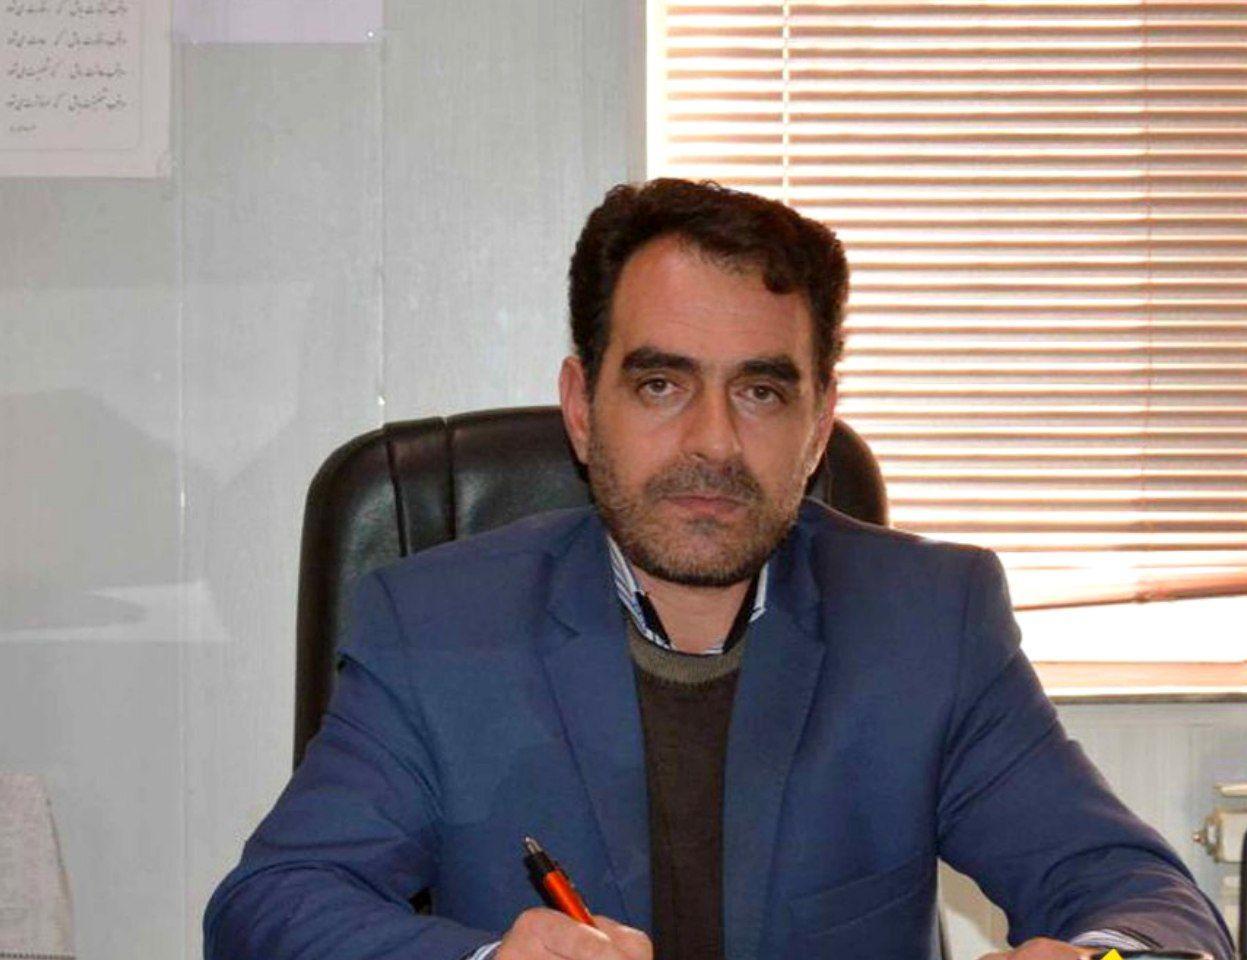 محمد رضا اعلائی به عنوان رئیس بهزیستی شهرستان بناب معرفی شد